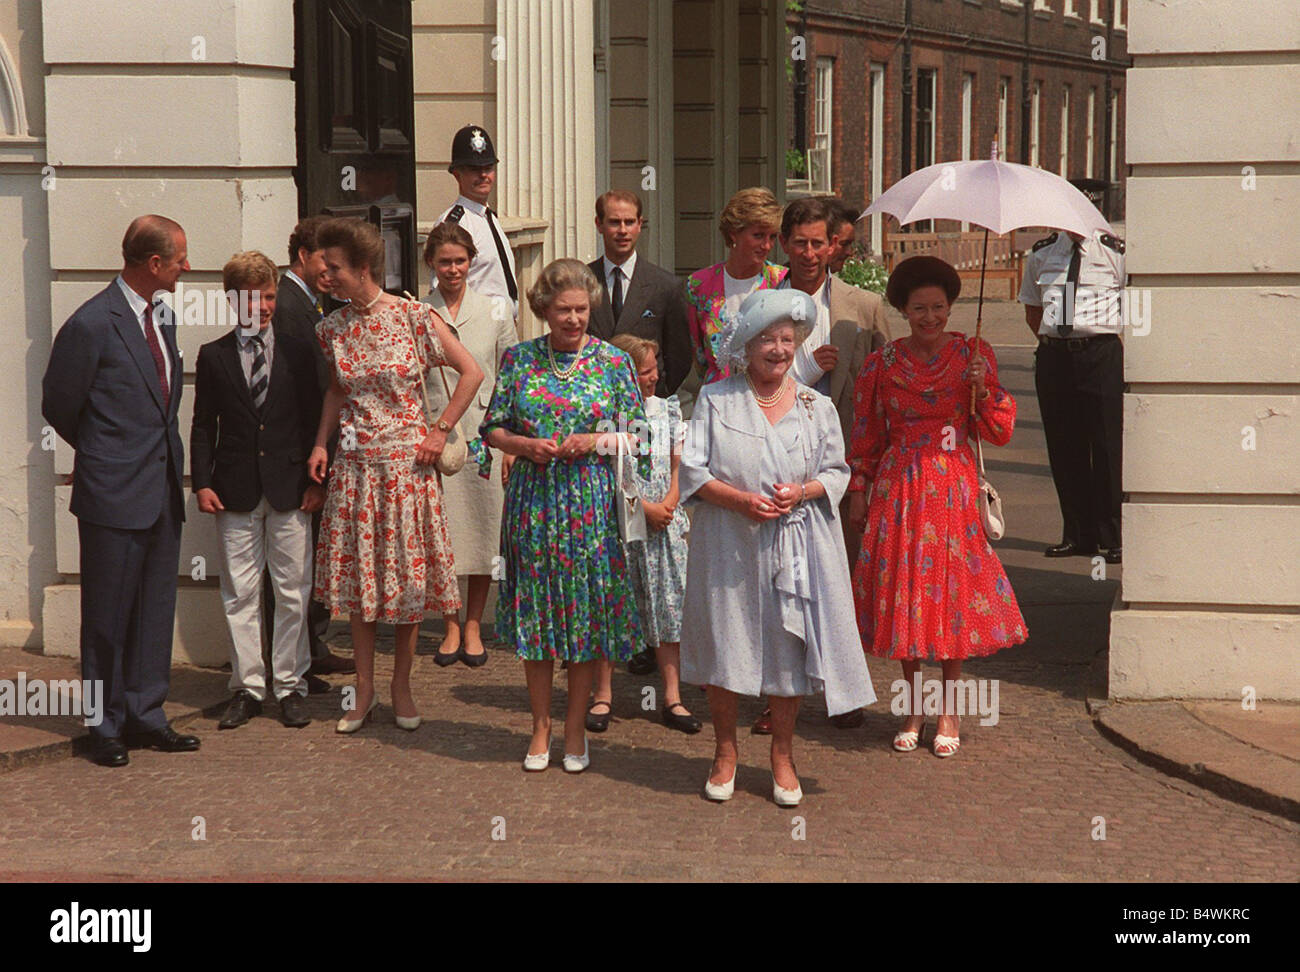 Foto Natale Famiglia Reale Inglese 1990.La Famiglia Reale Immagini E Fotos Stock Alamy